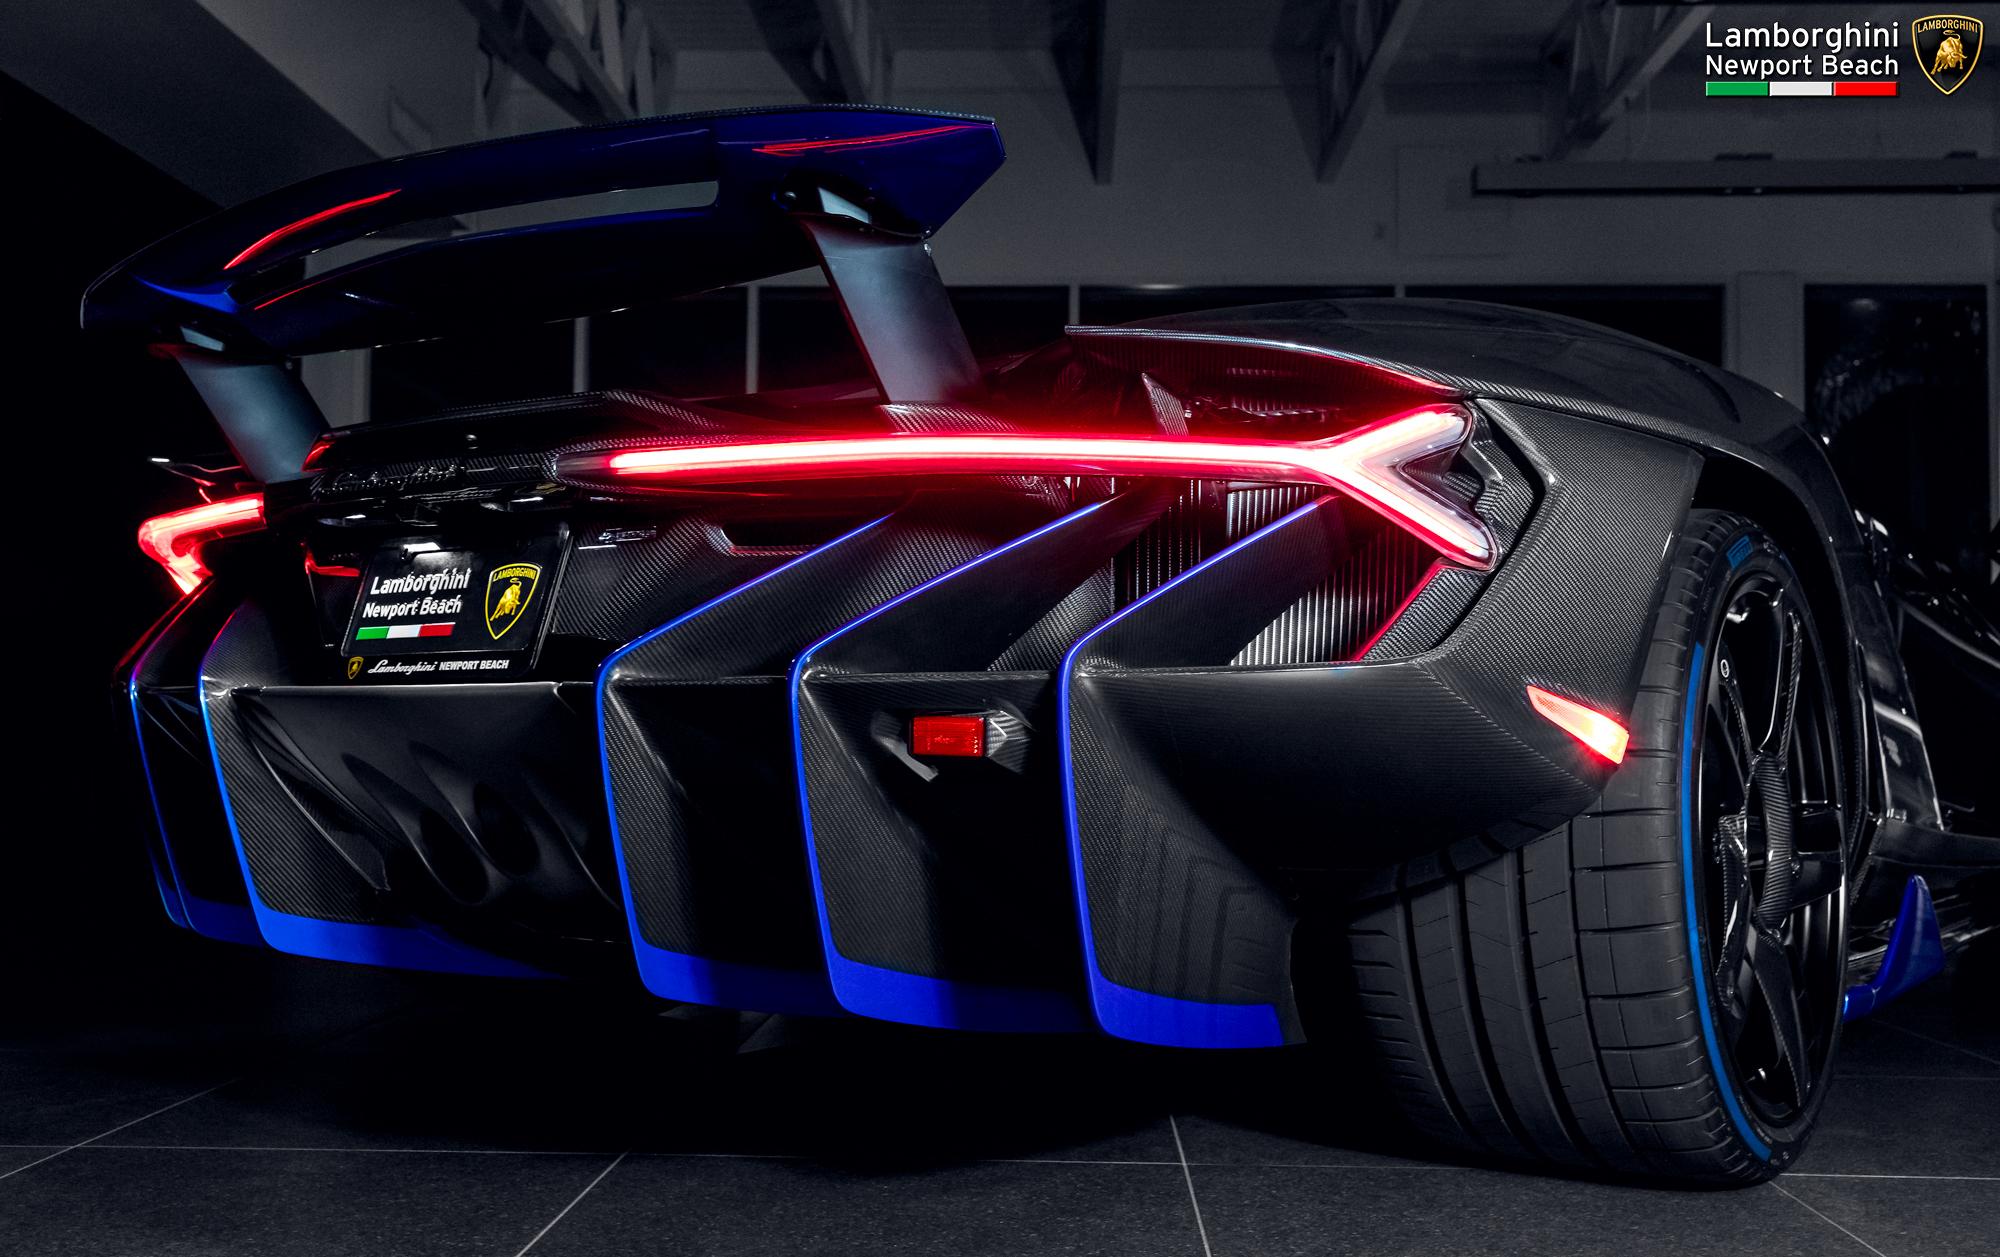 Lamborghini Centenario Lamborghini Newport Beach On Behance